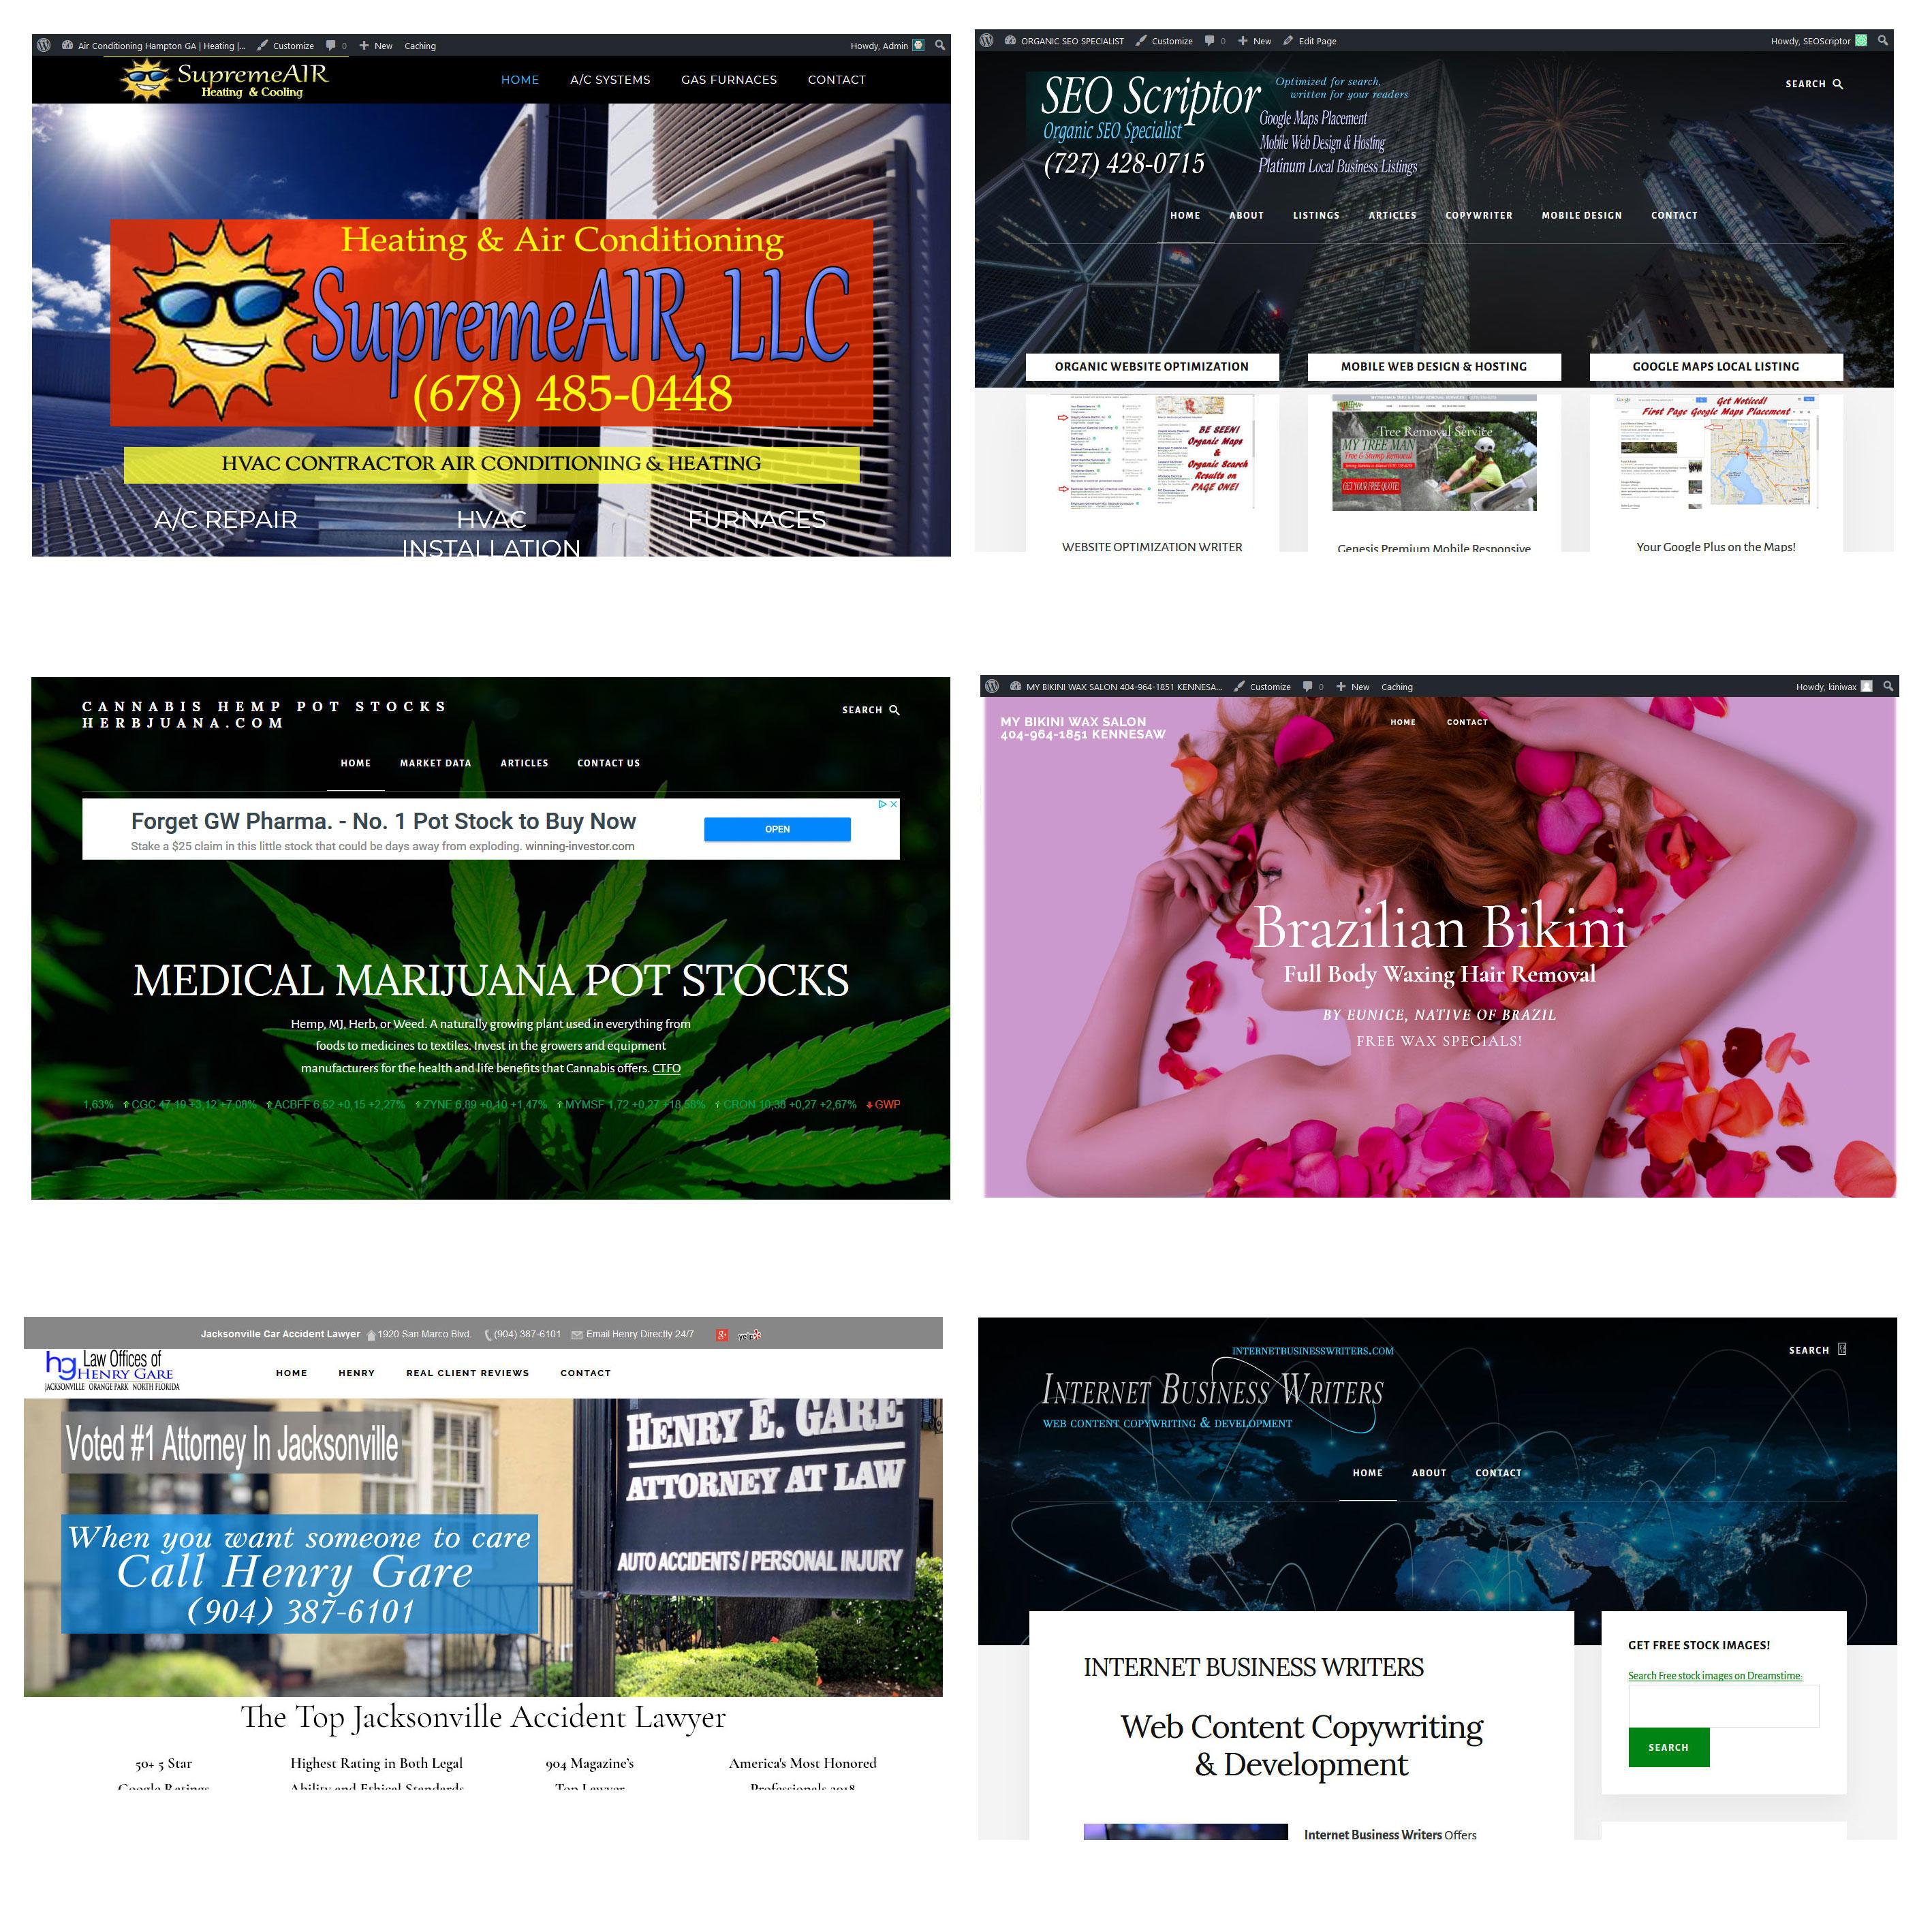 Portfolio of Designs